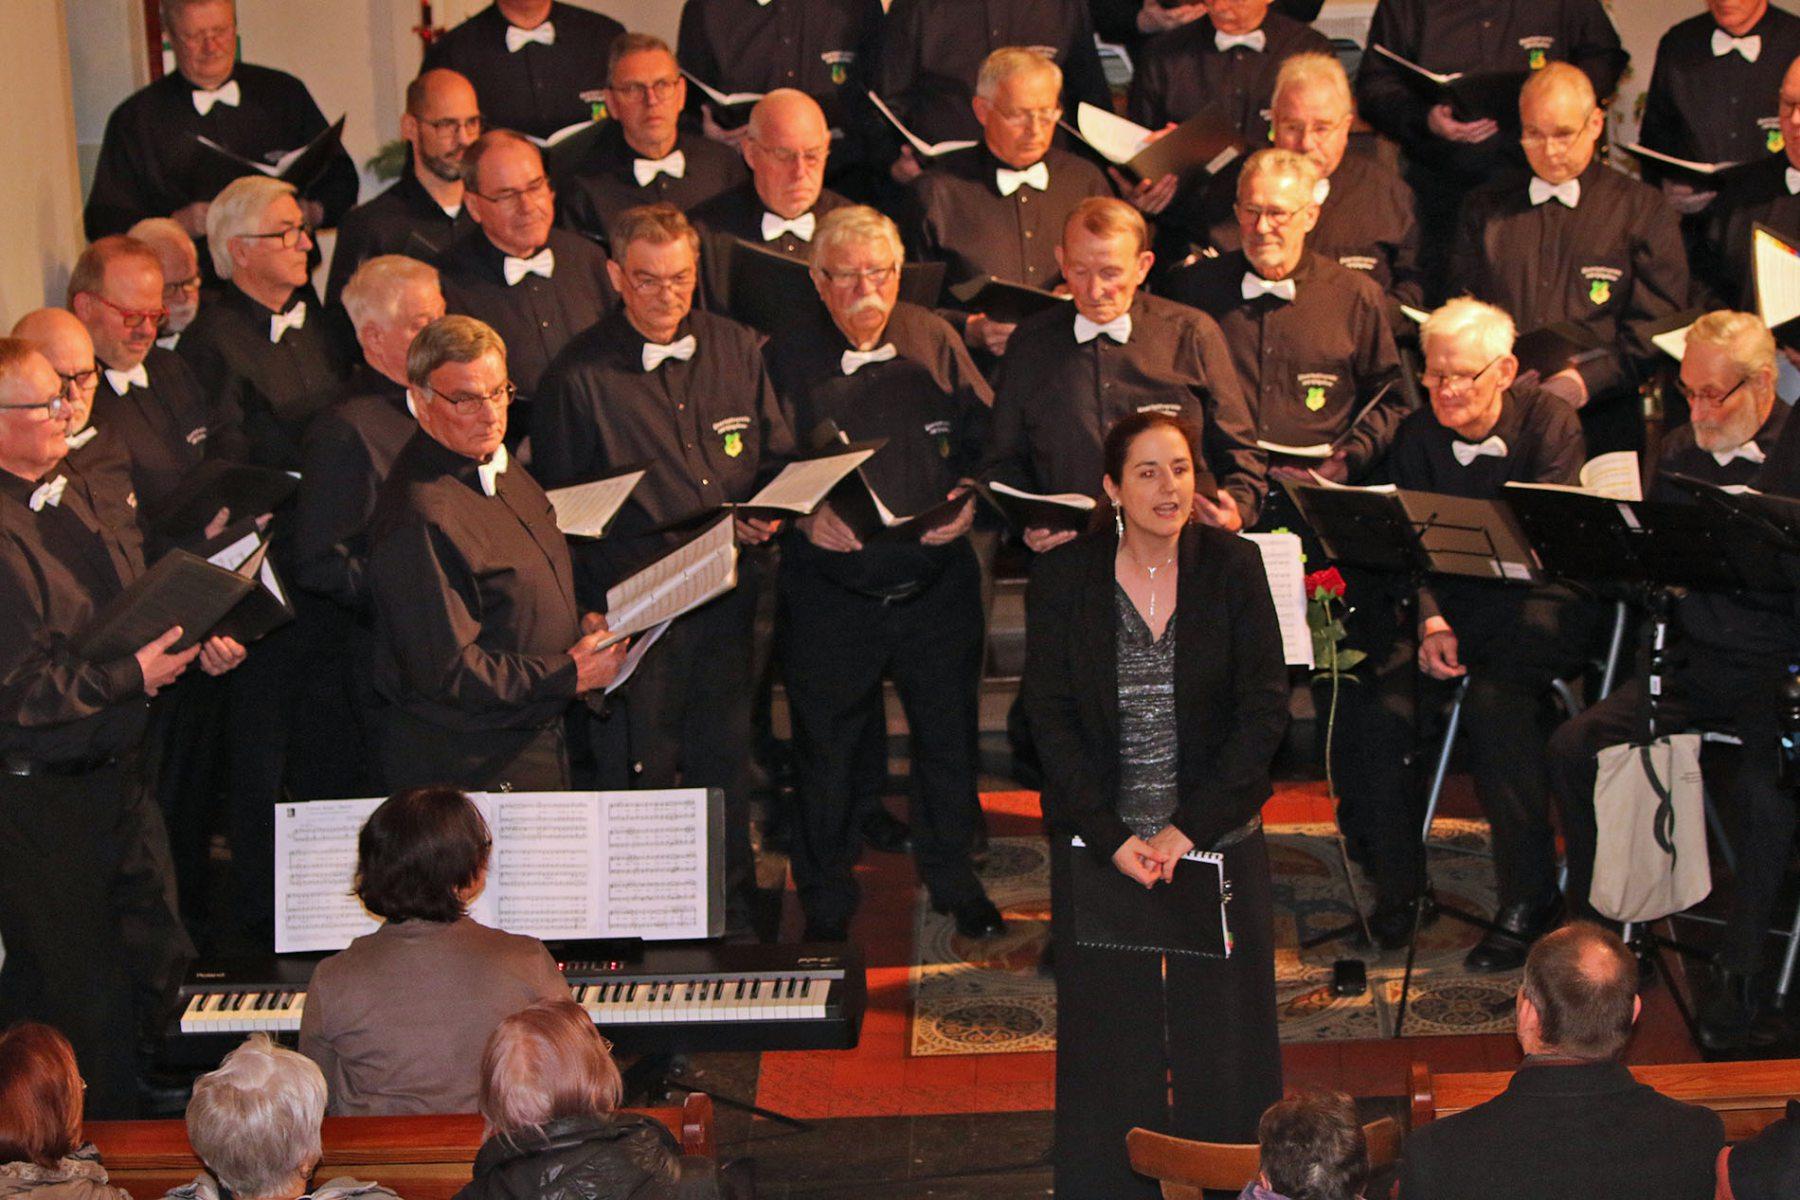 20200112_Neujahrskonzert-Kulturkirche-Elsdorf-Angelsdorf_Foto004